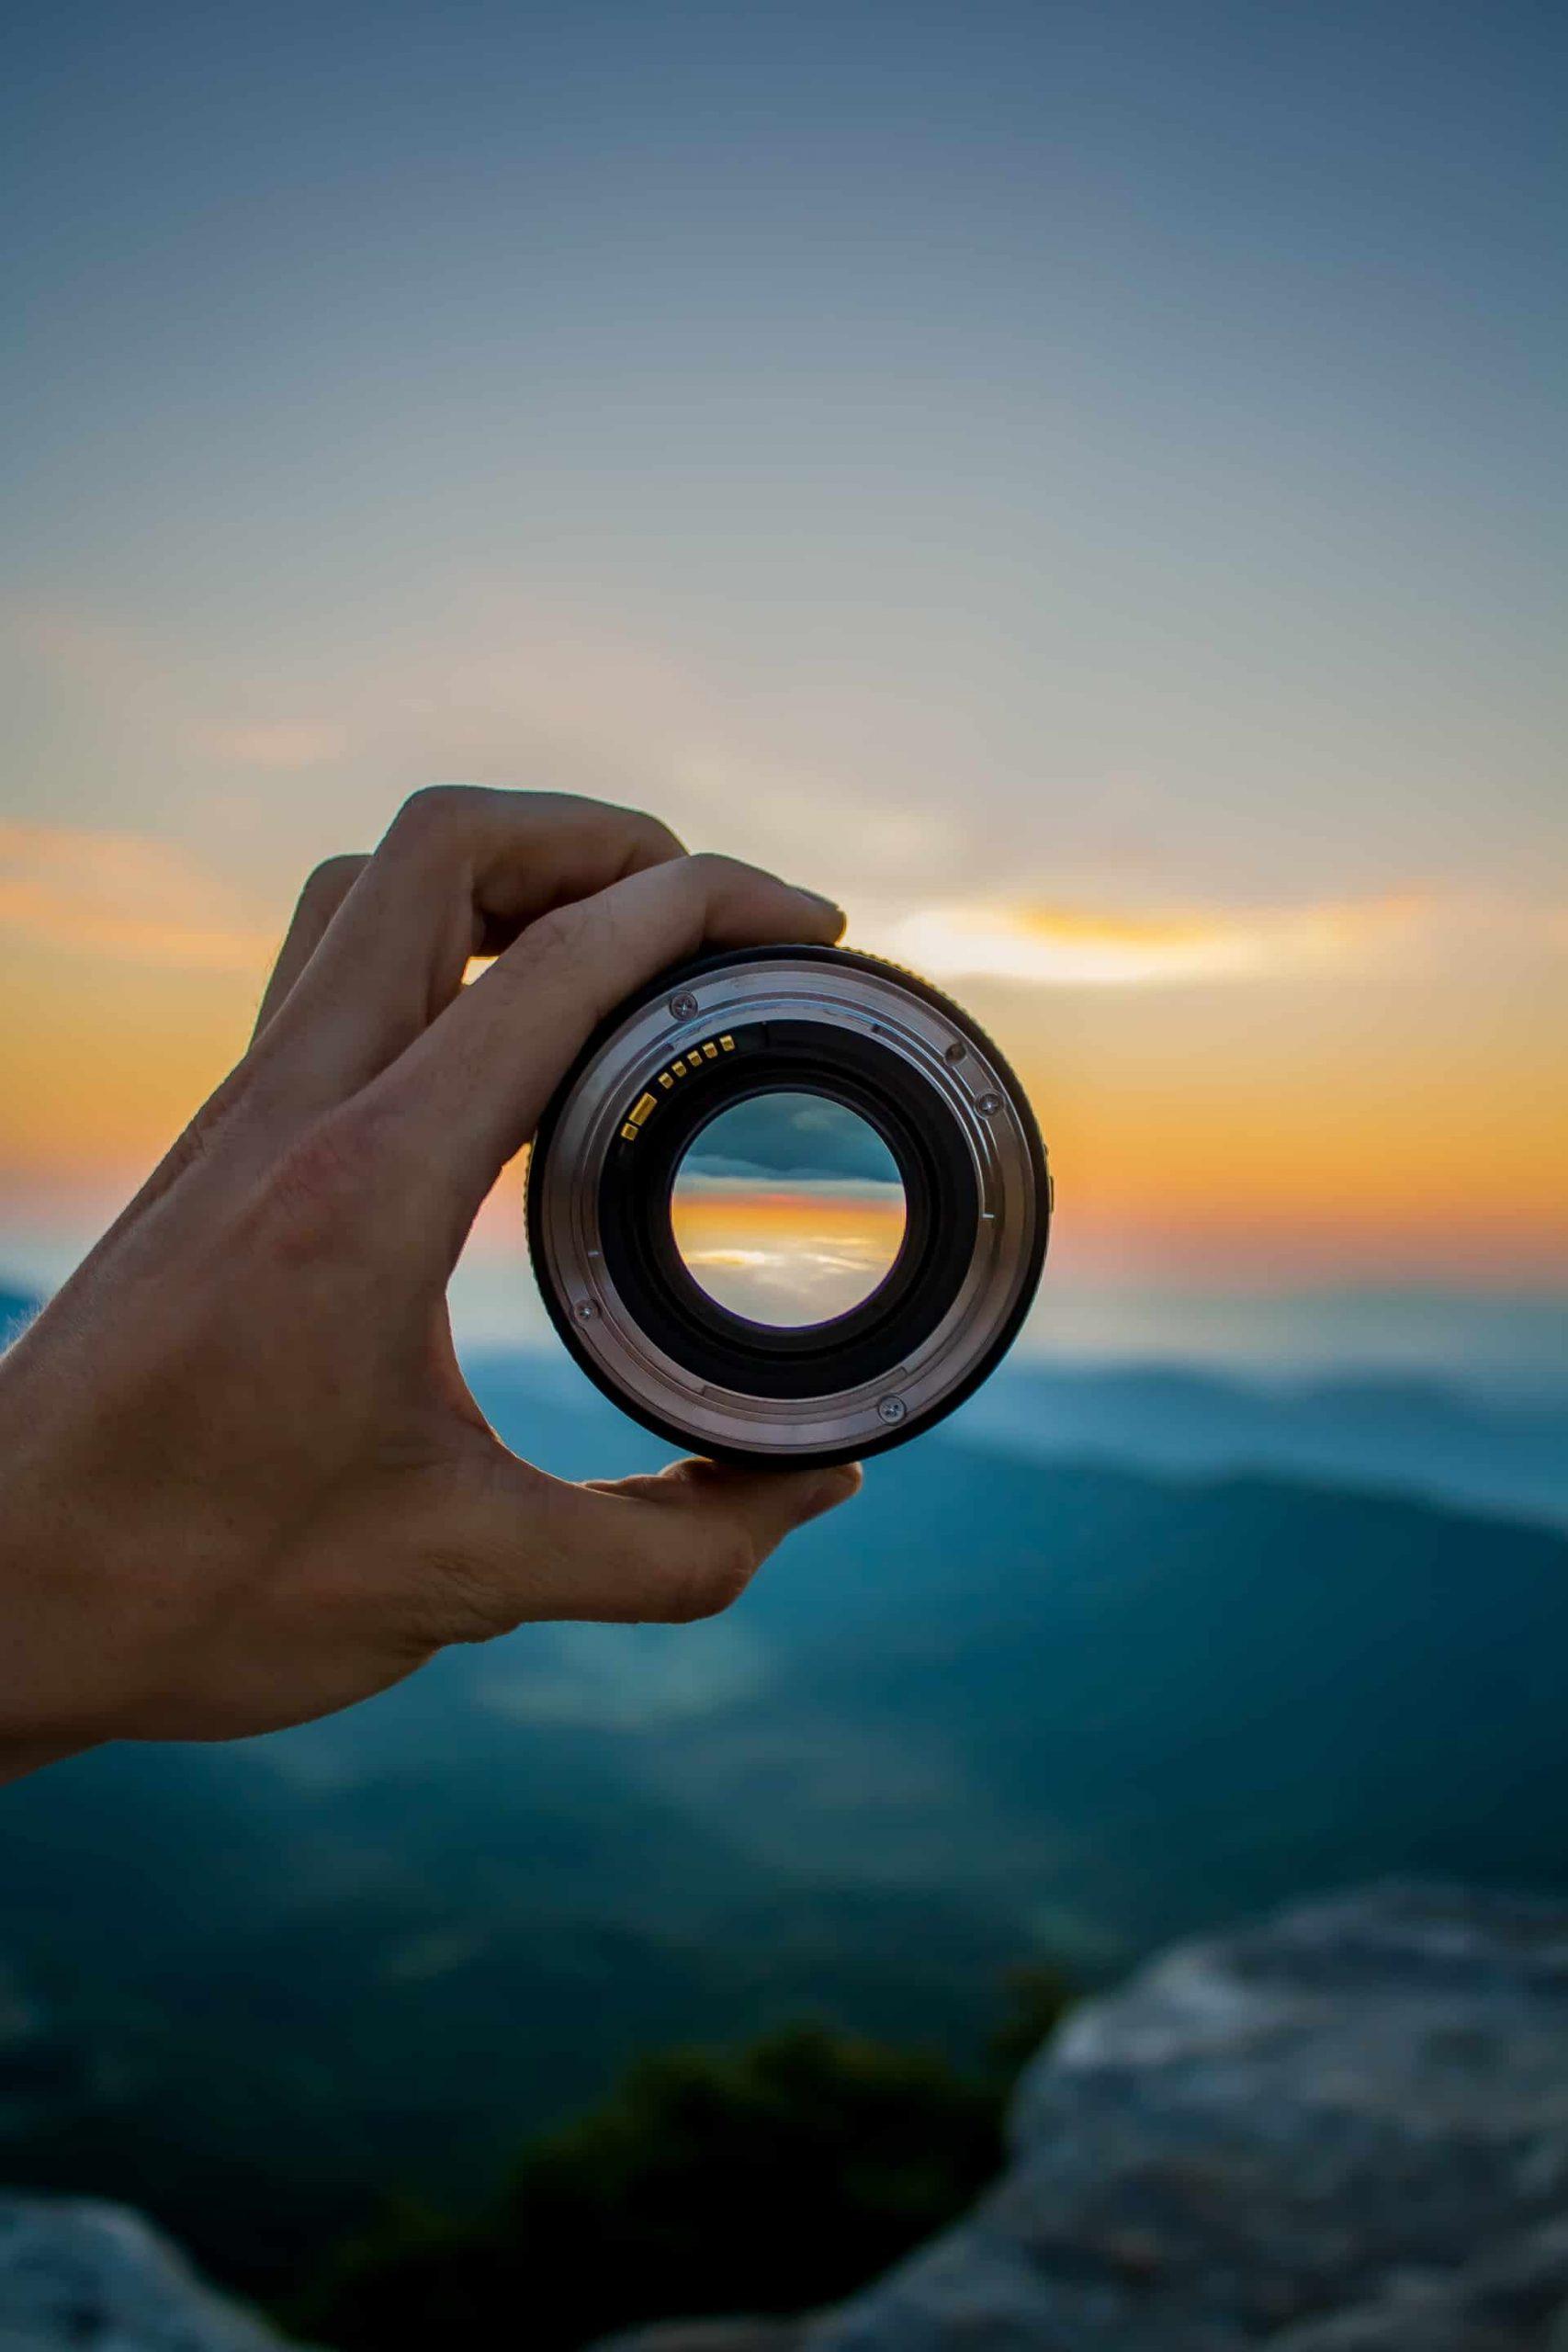 Focus via lens